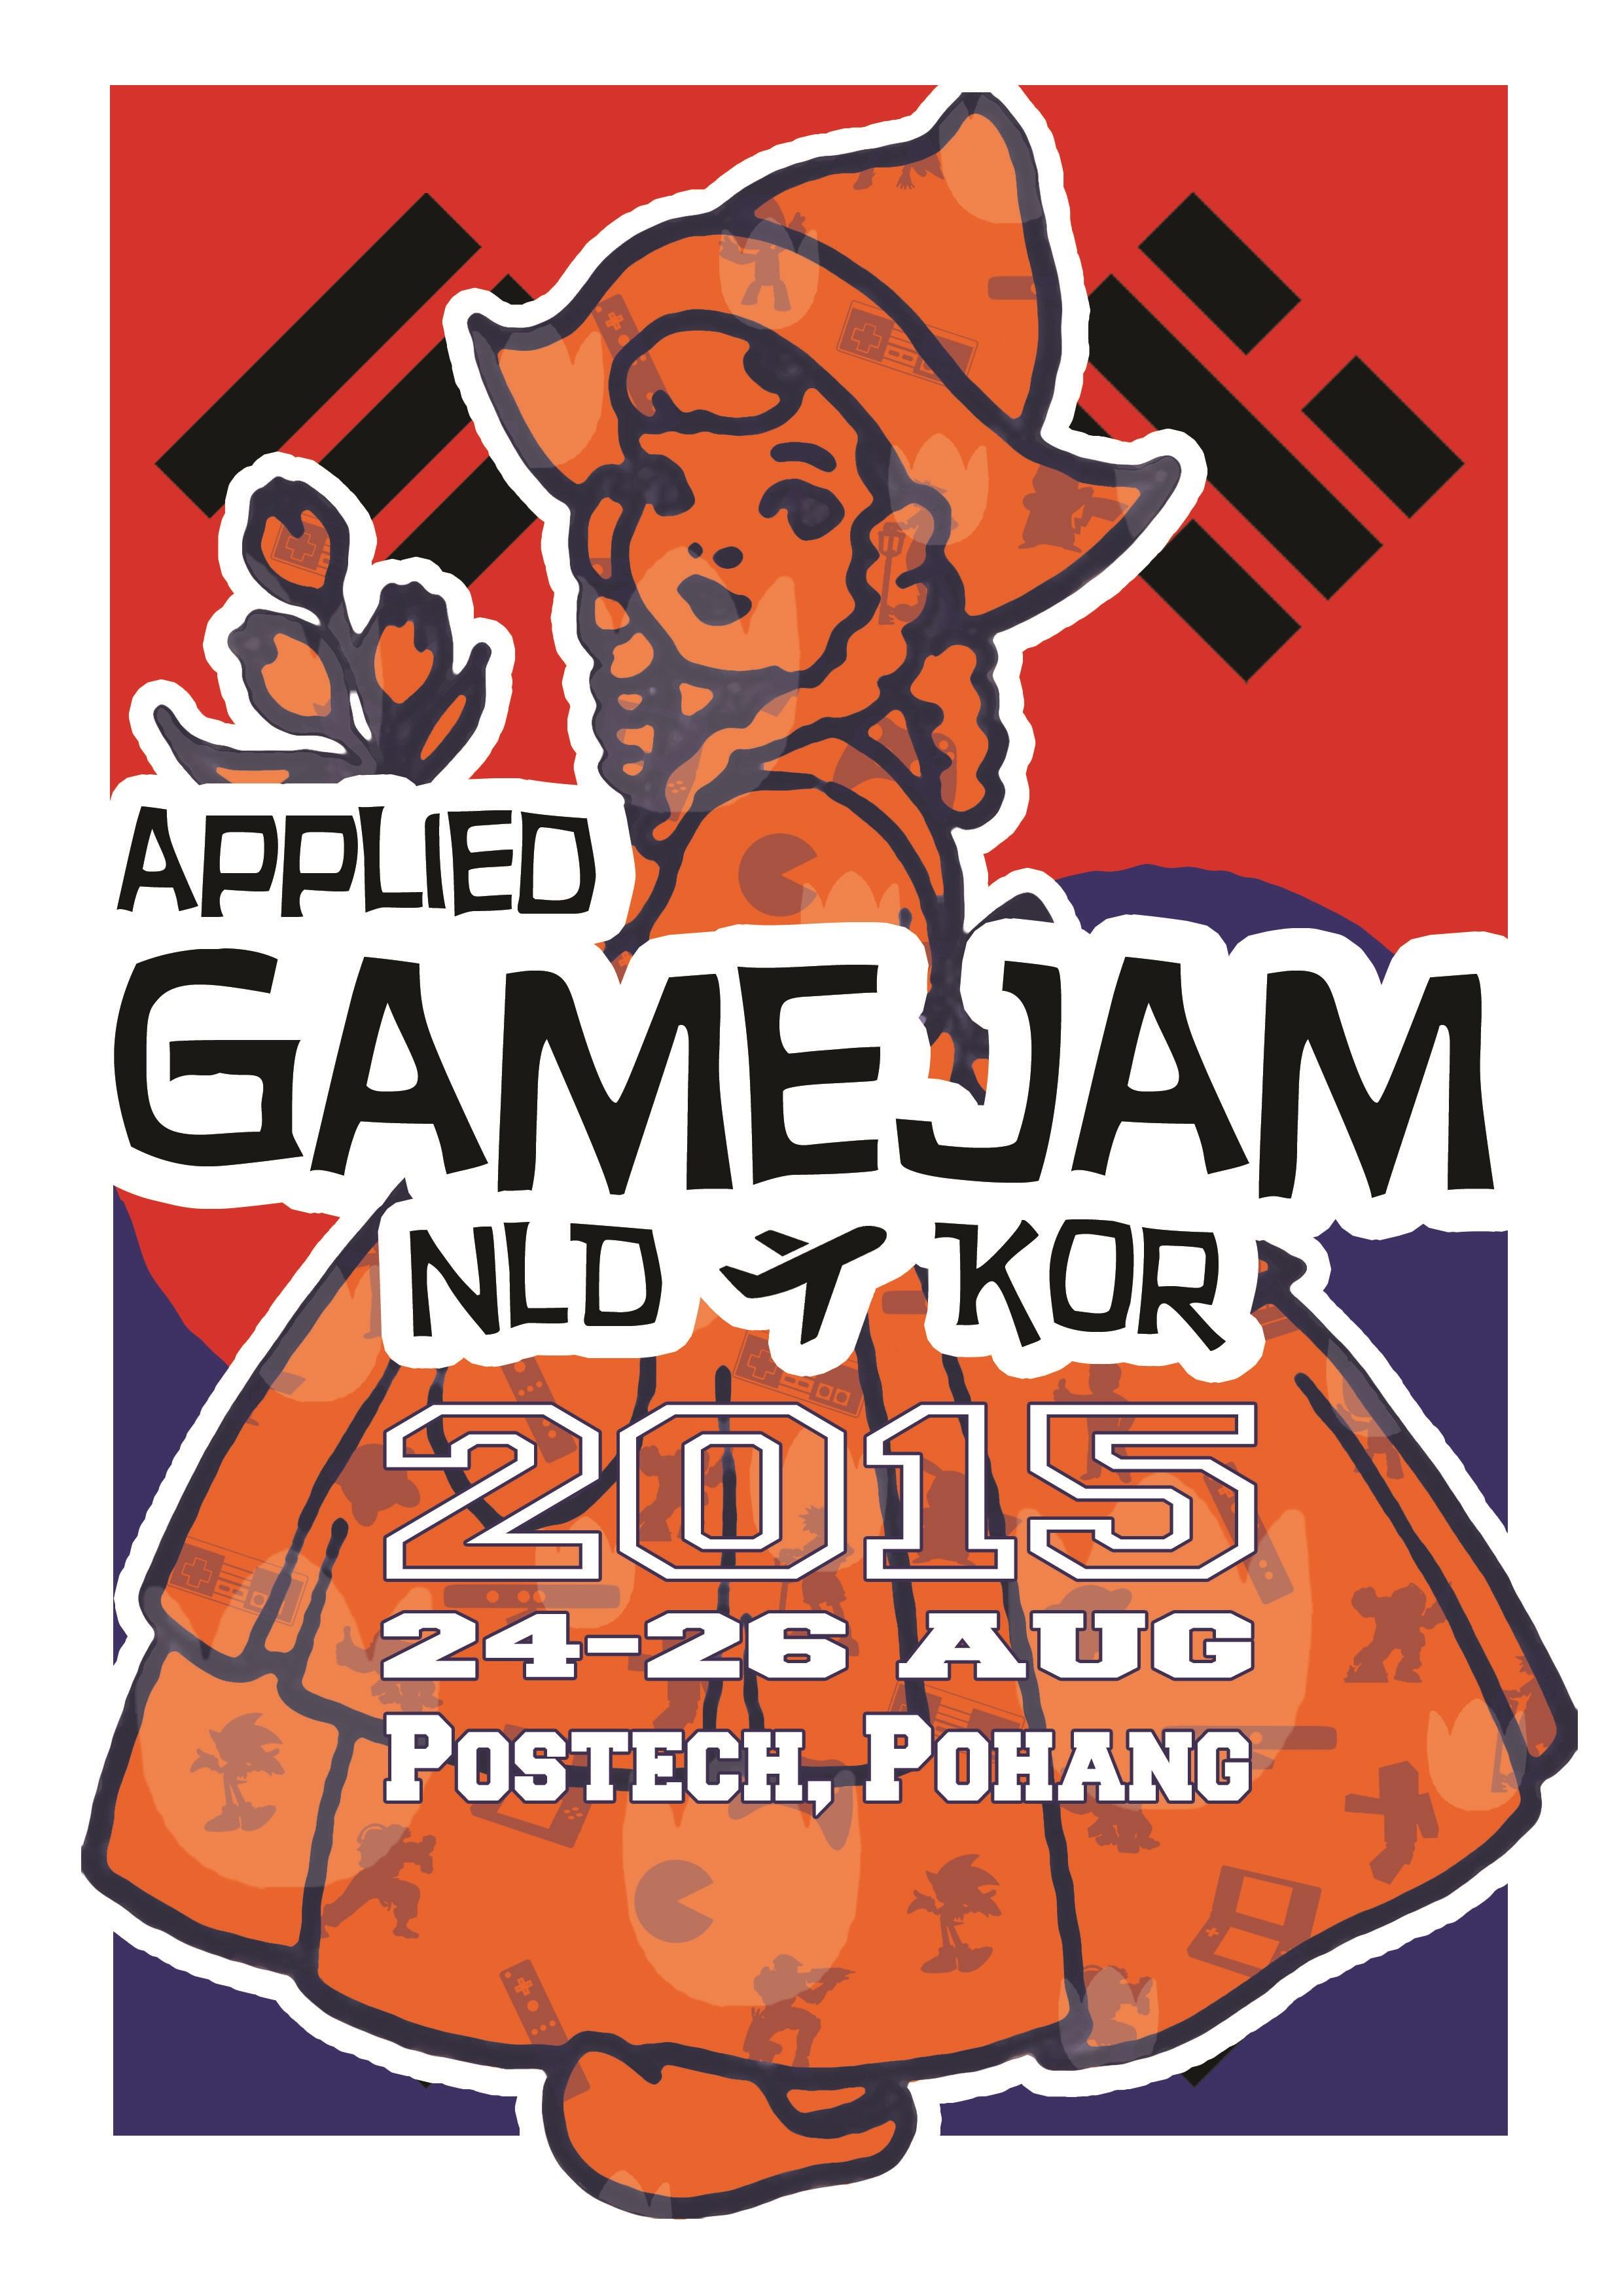 제3회 네덜란드-한국 게임잼 대회 개최